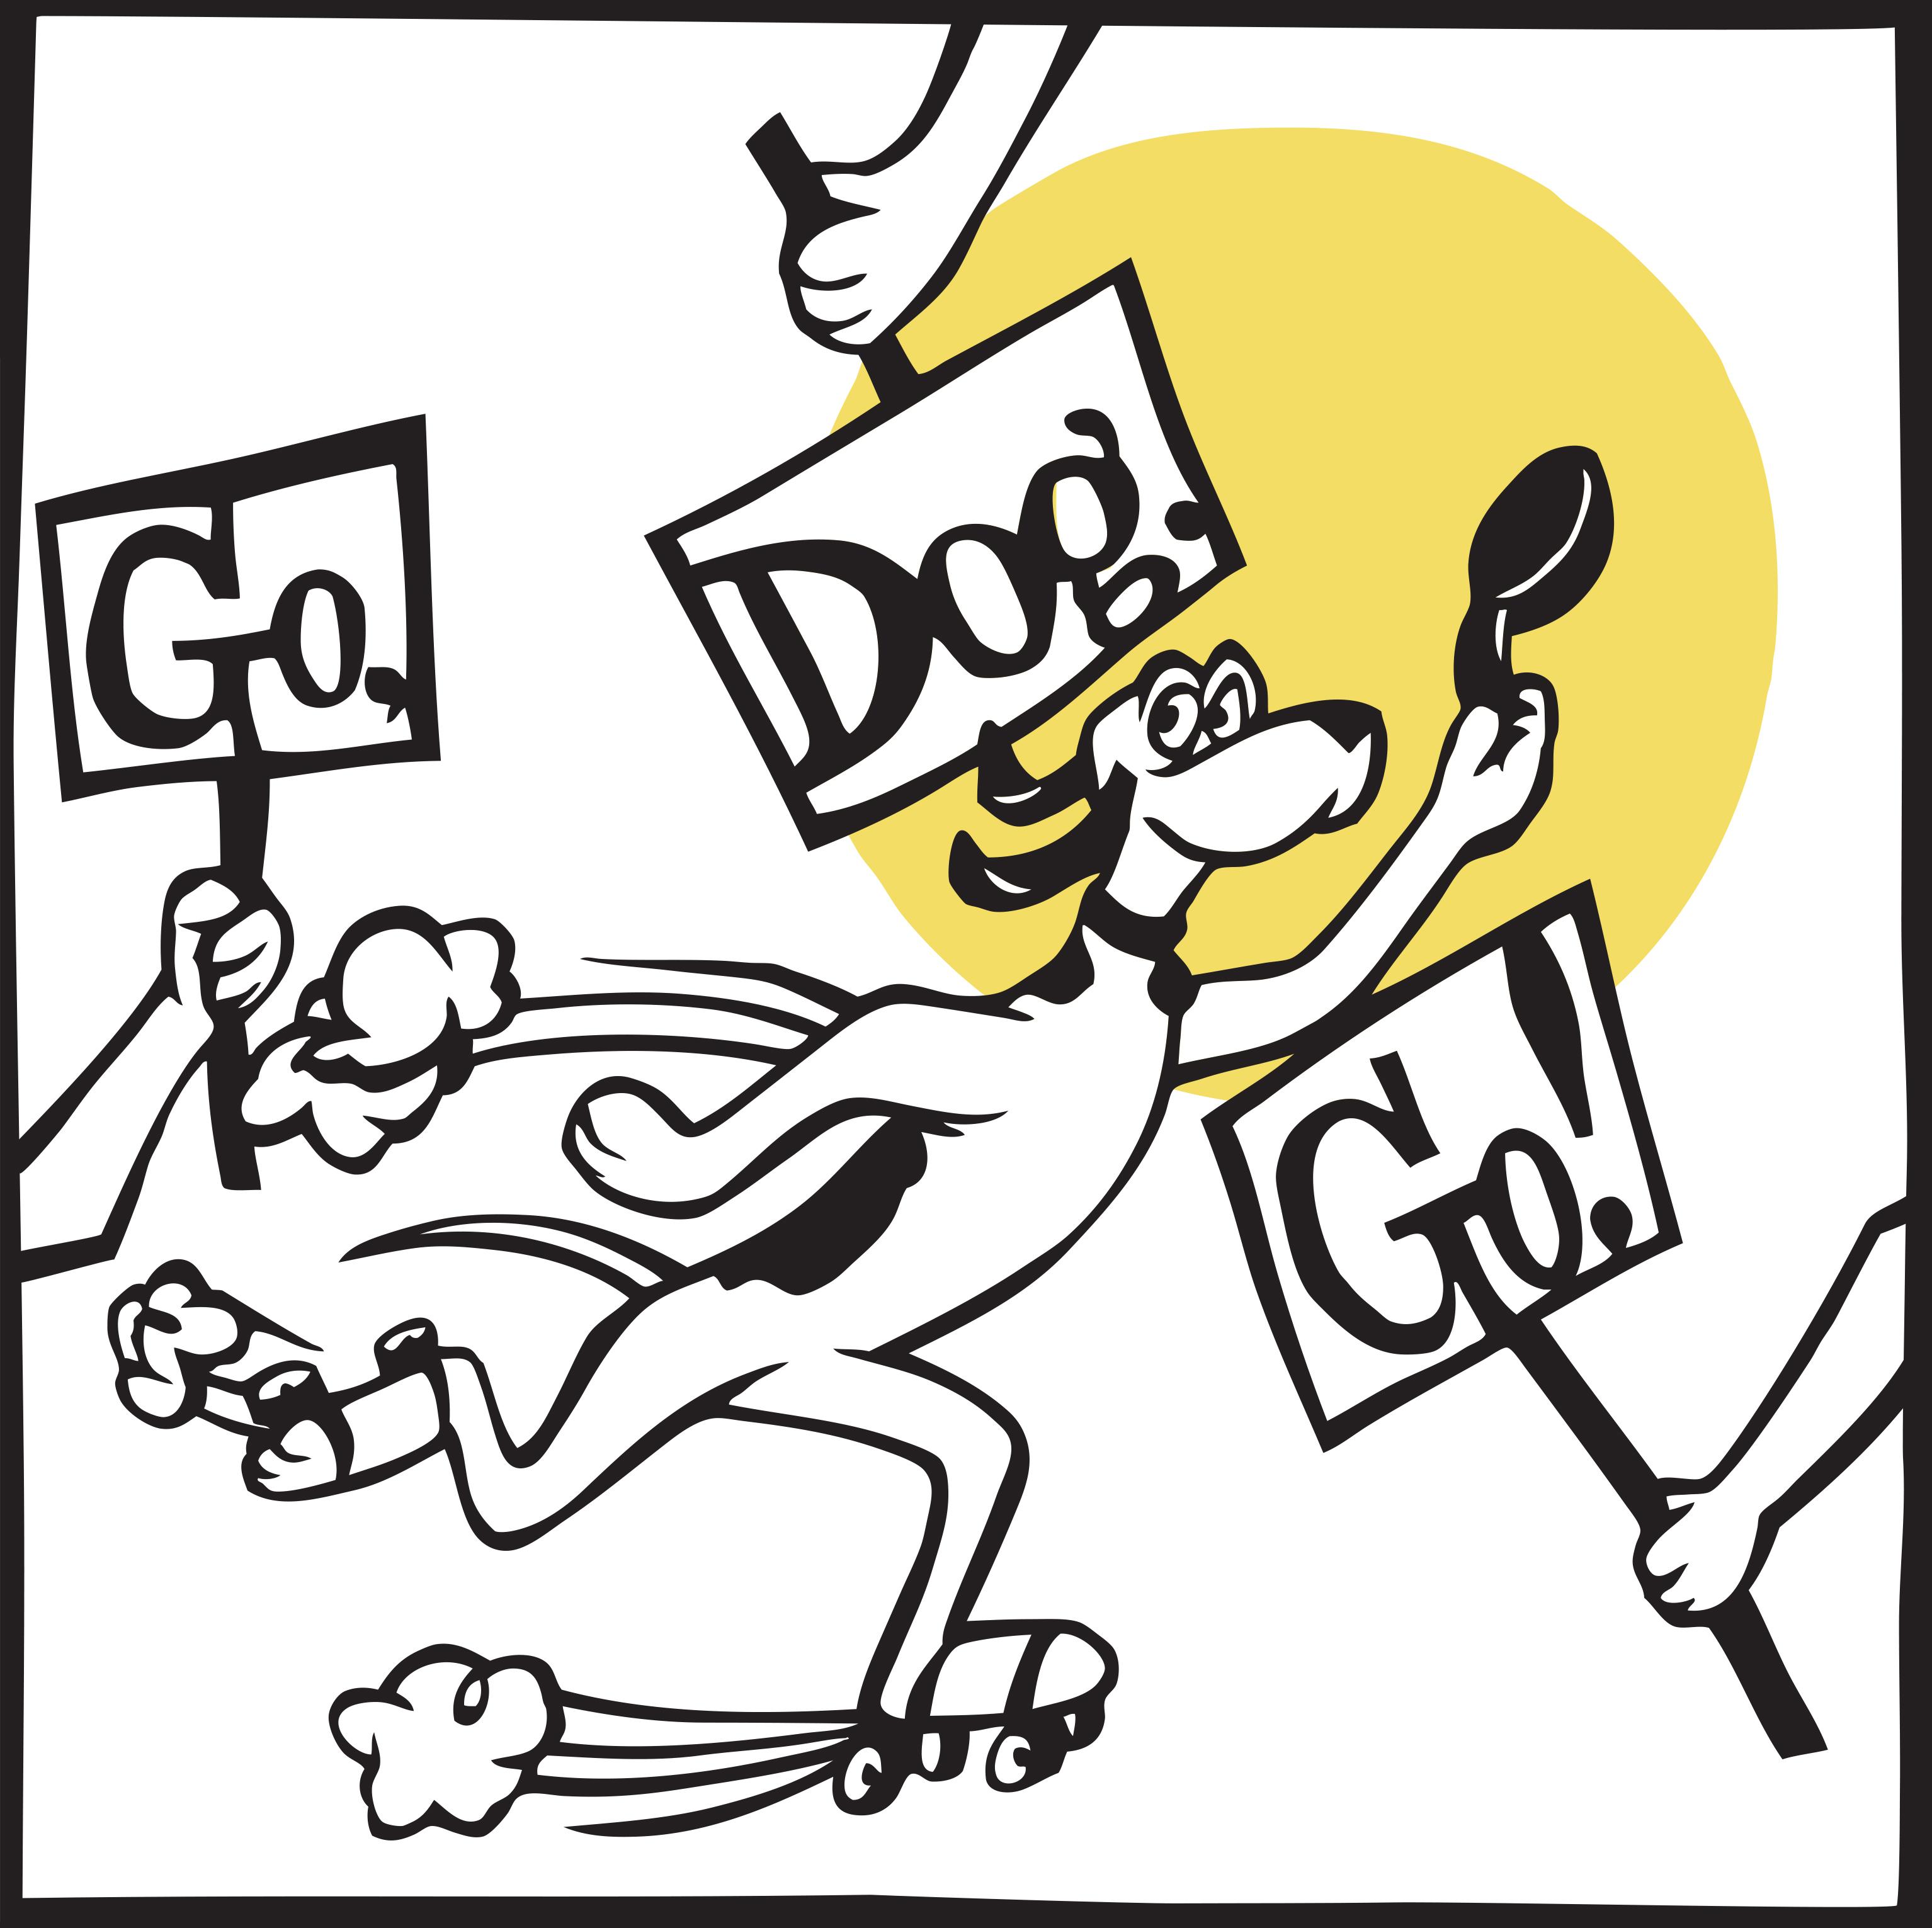 Go Dog Go Olympia Family Theater